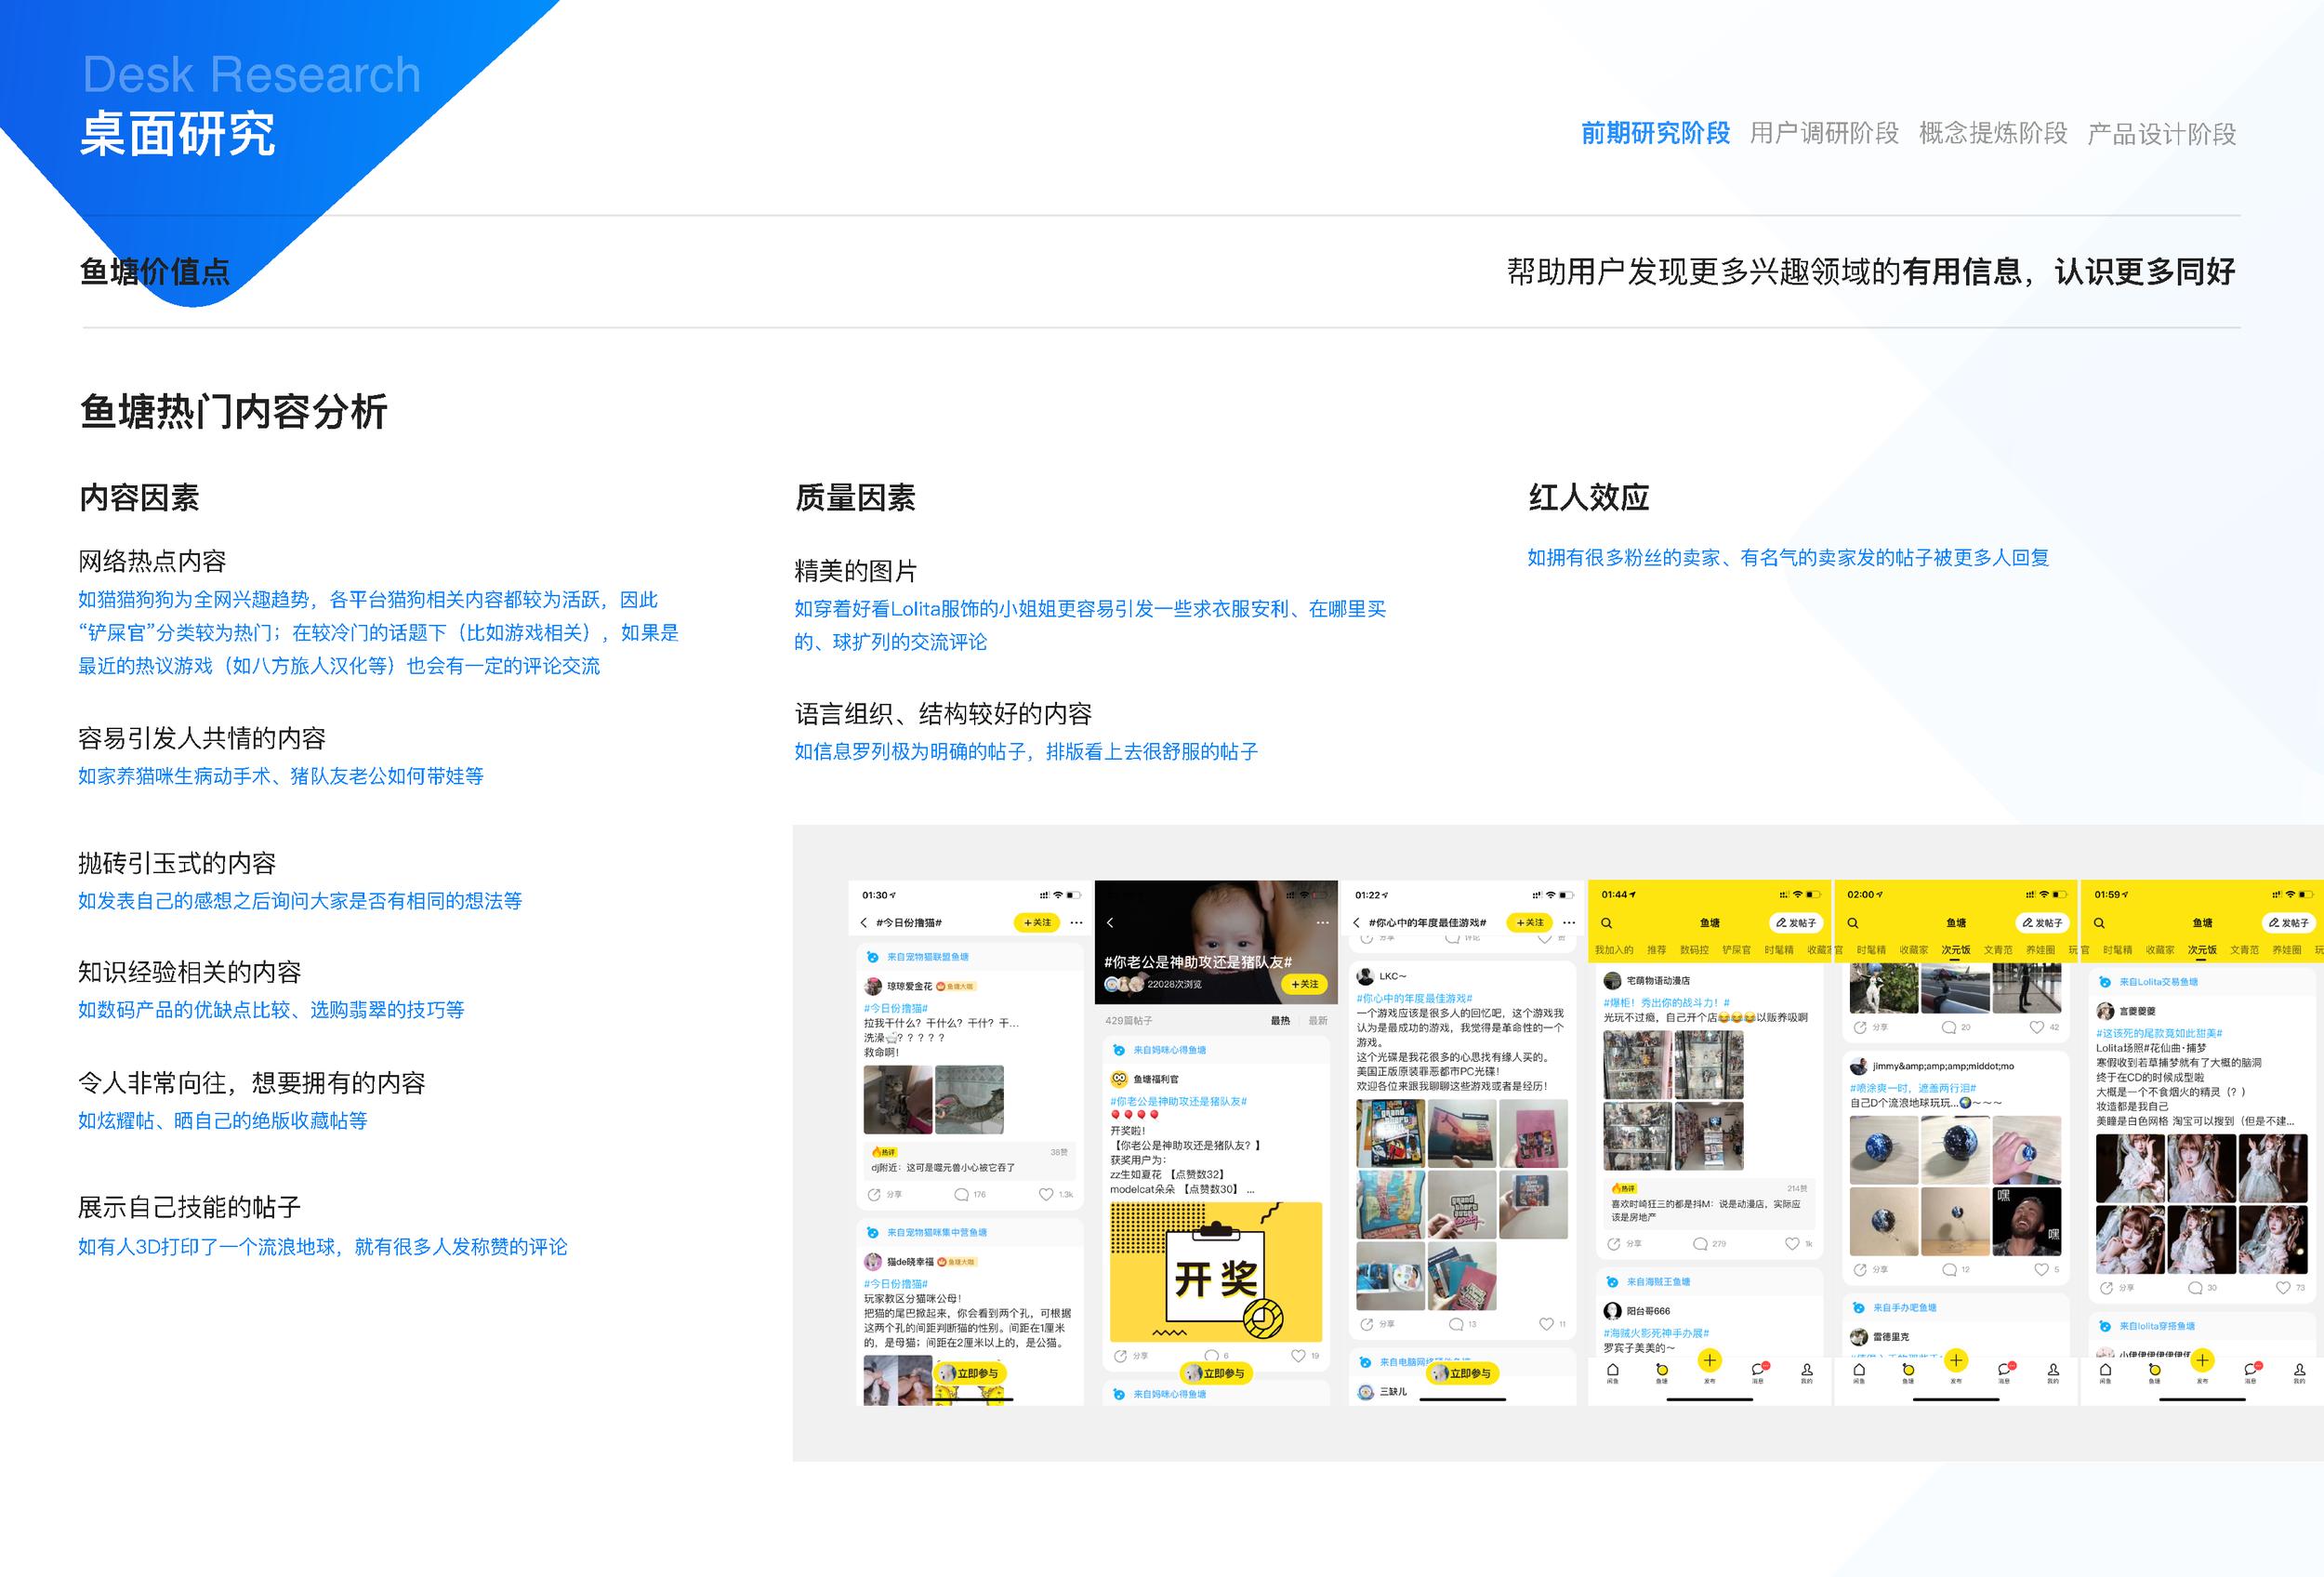 闲鱼社区互动设计(17小组油猫饼)_页面_04.png